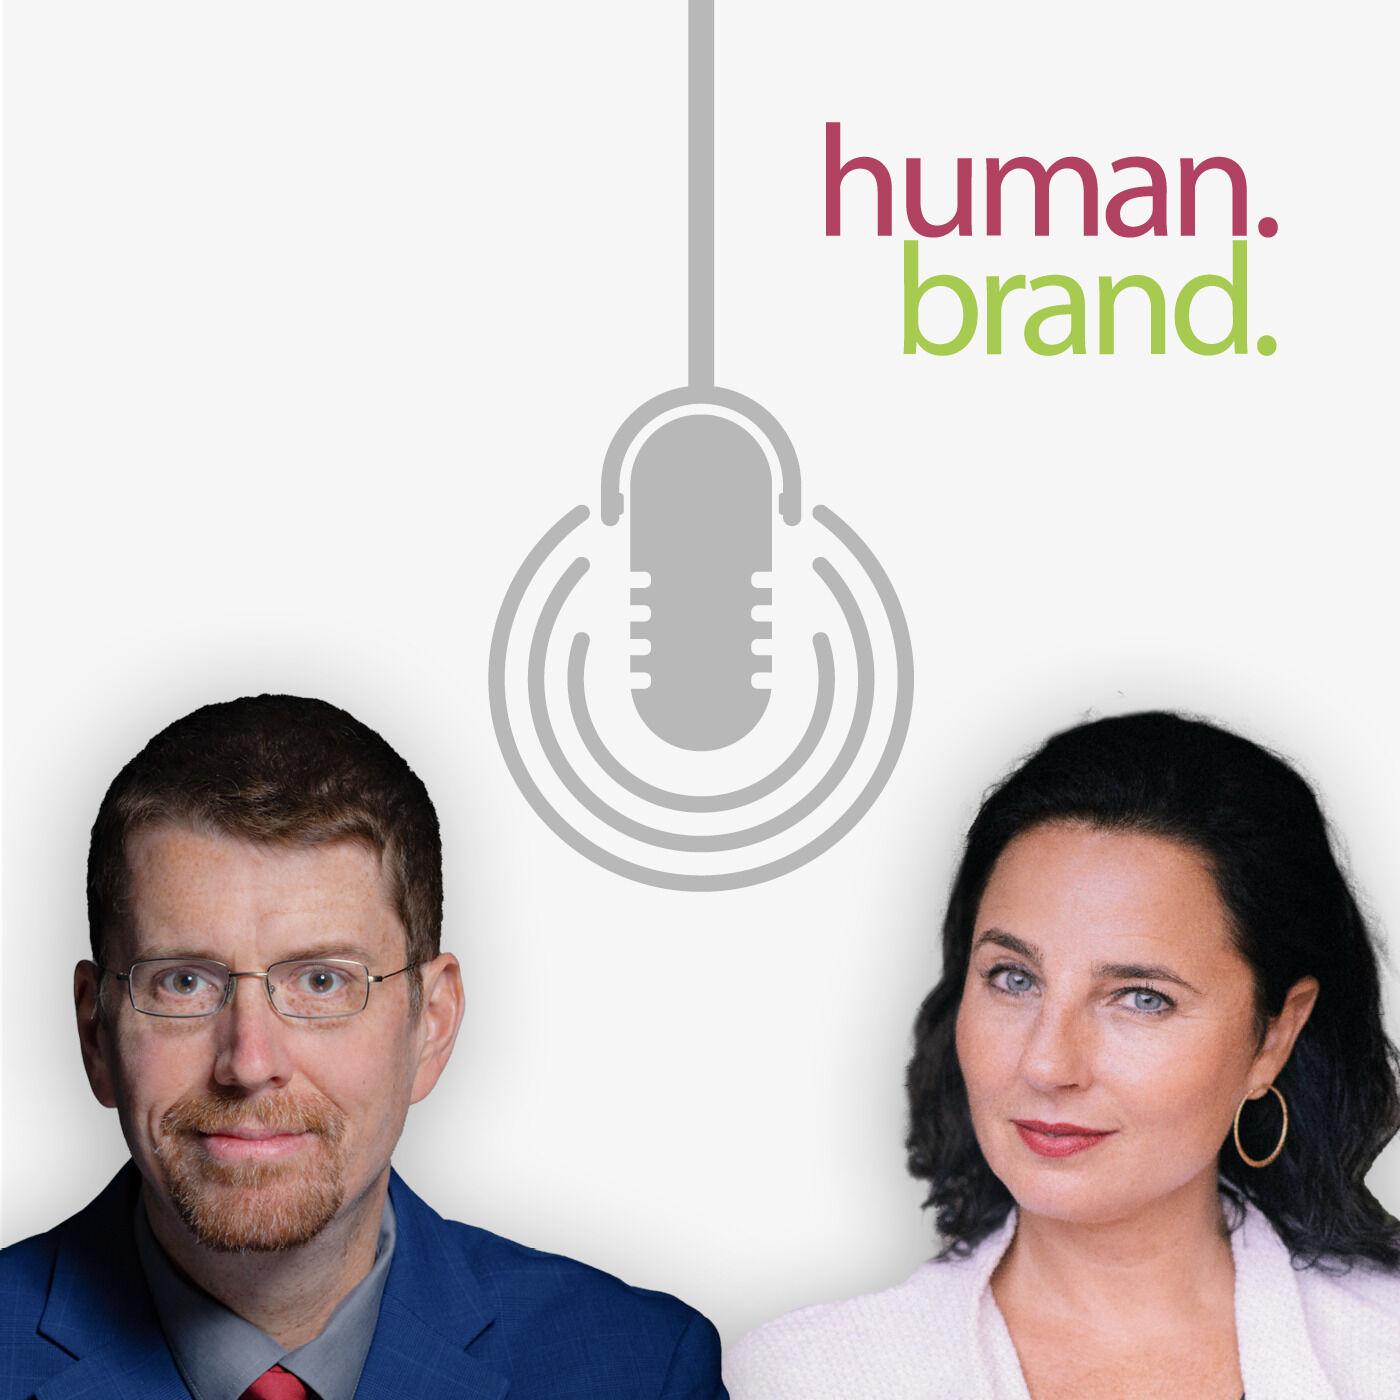 Episode 13 | Kommentare im Netz: Hass ist keine Meinung #unhatehuman